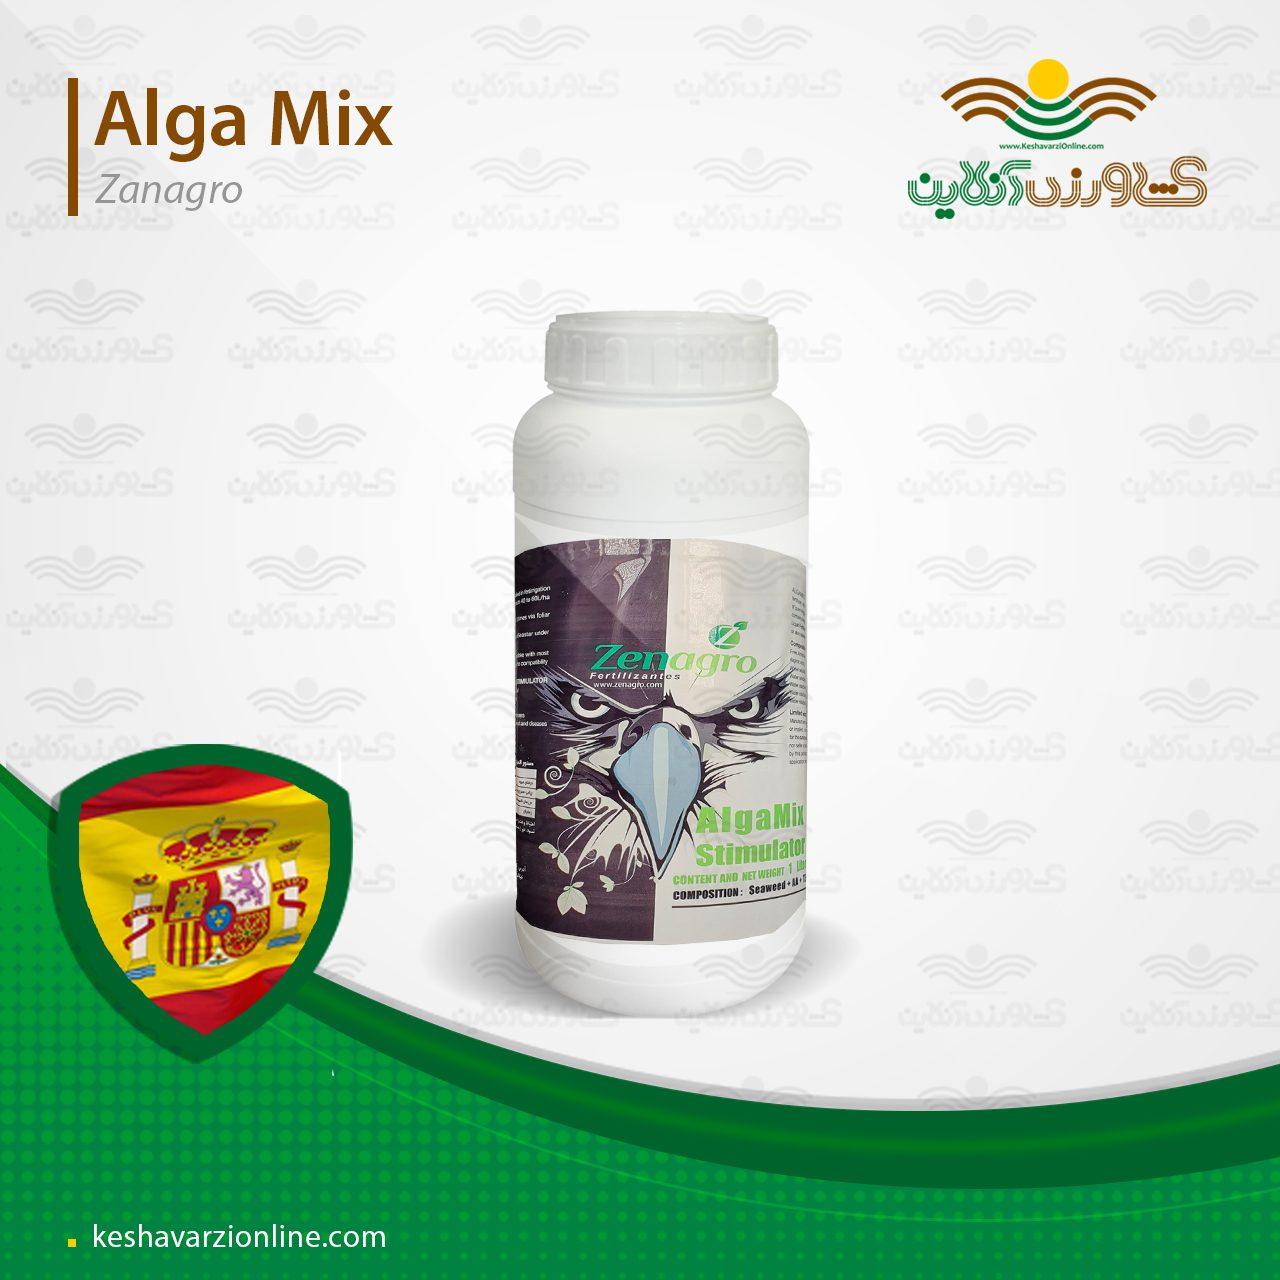 بهبود دهنده رشد سریع گیاه آلگا میکس اسپانیا